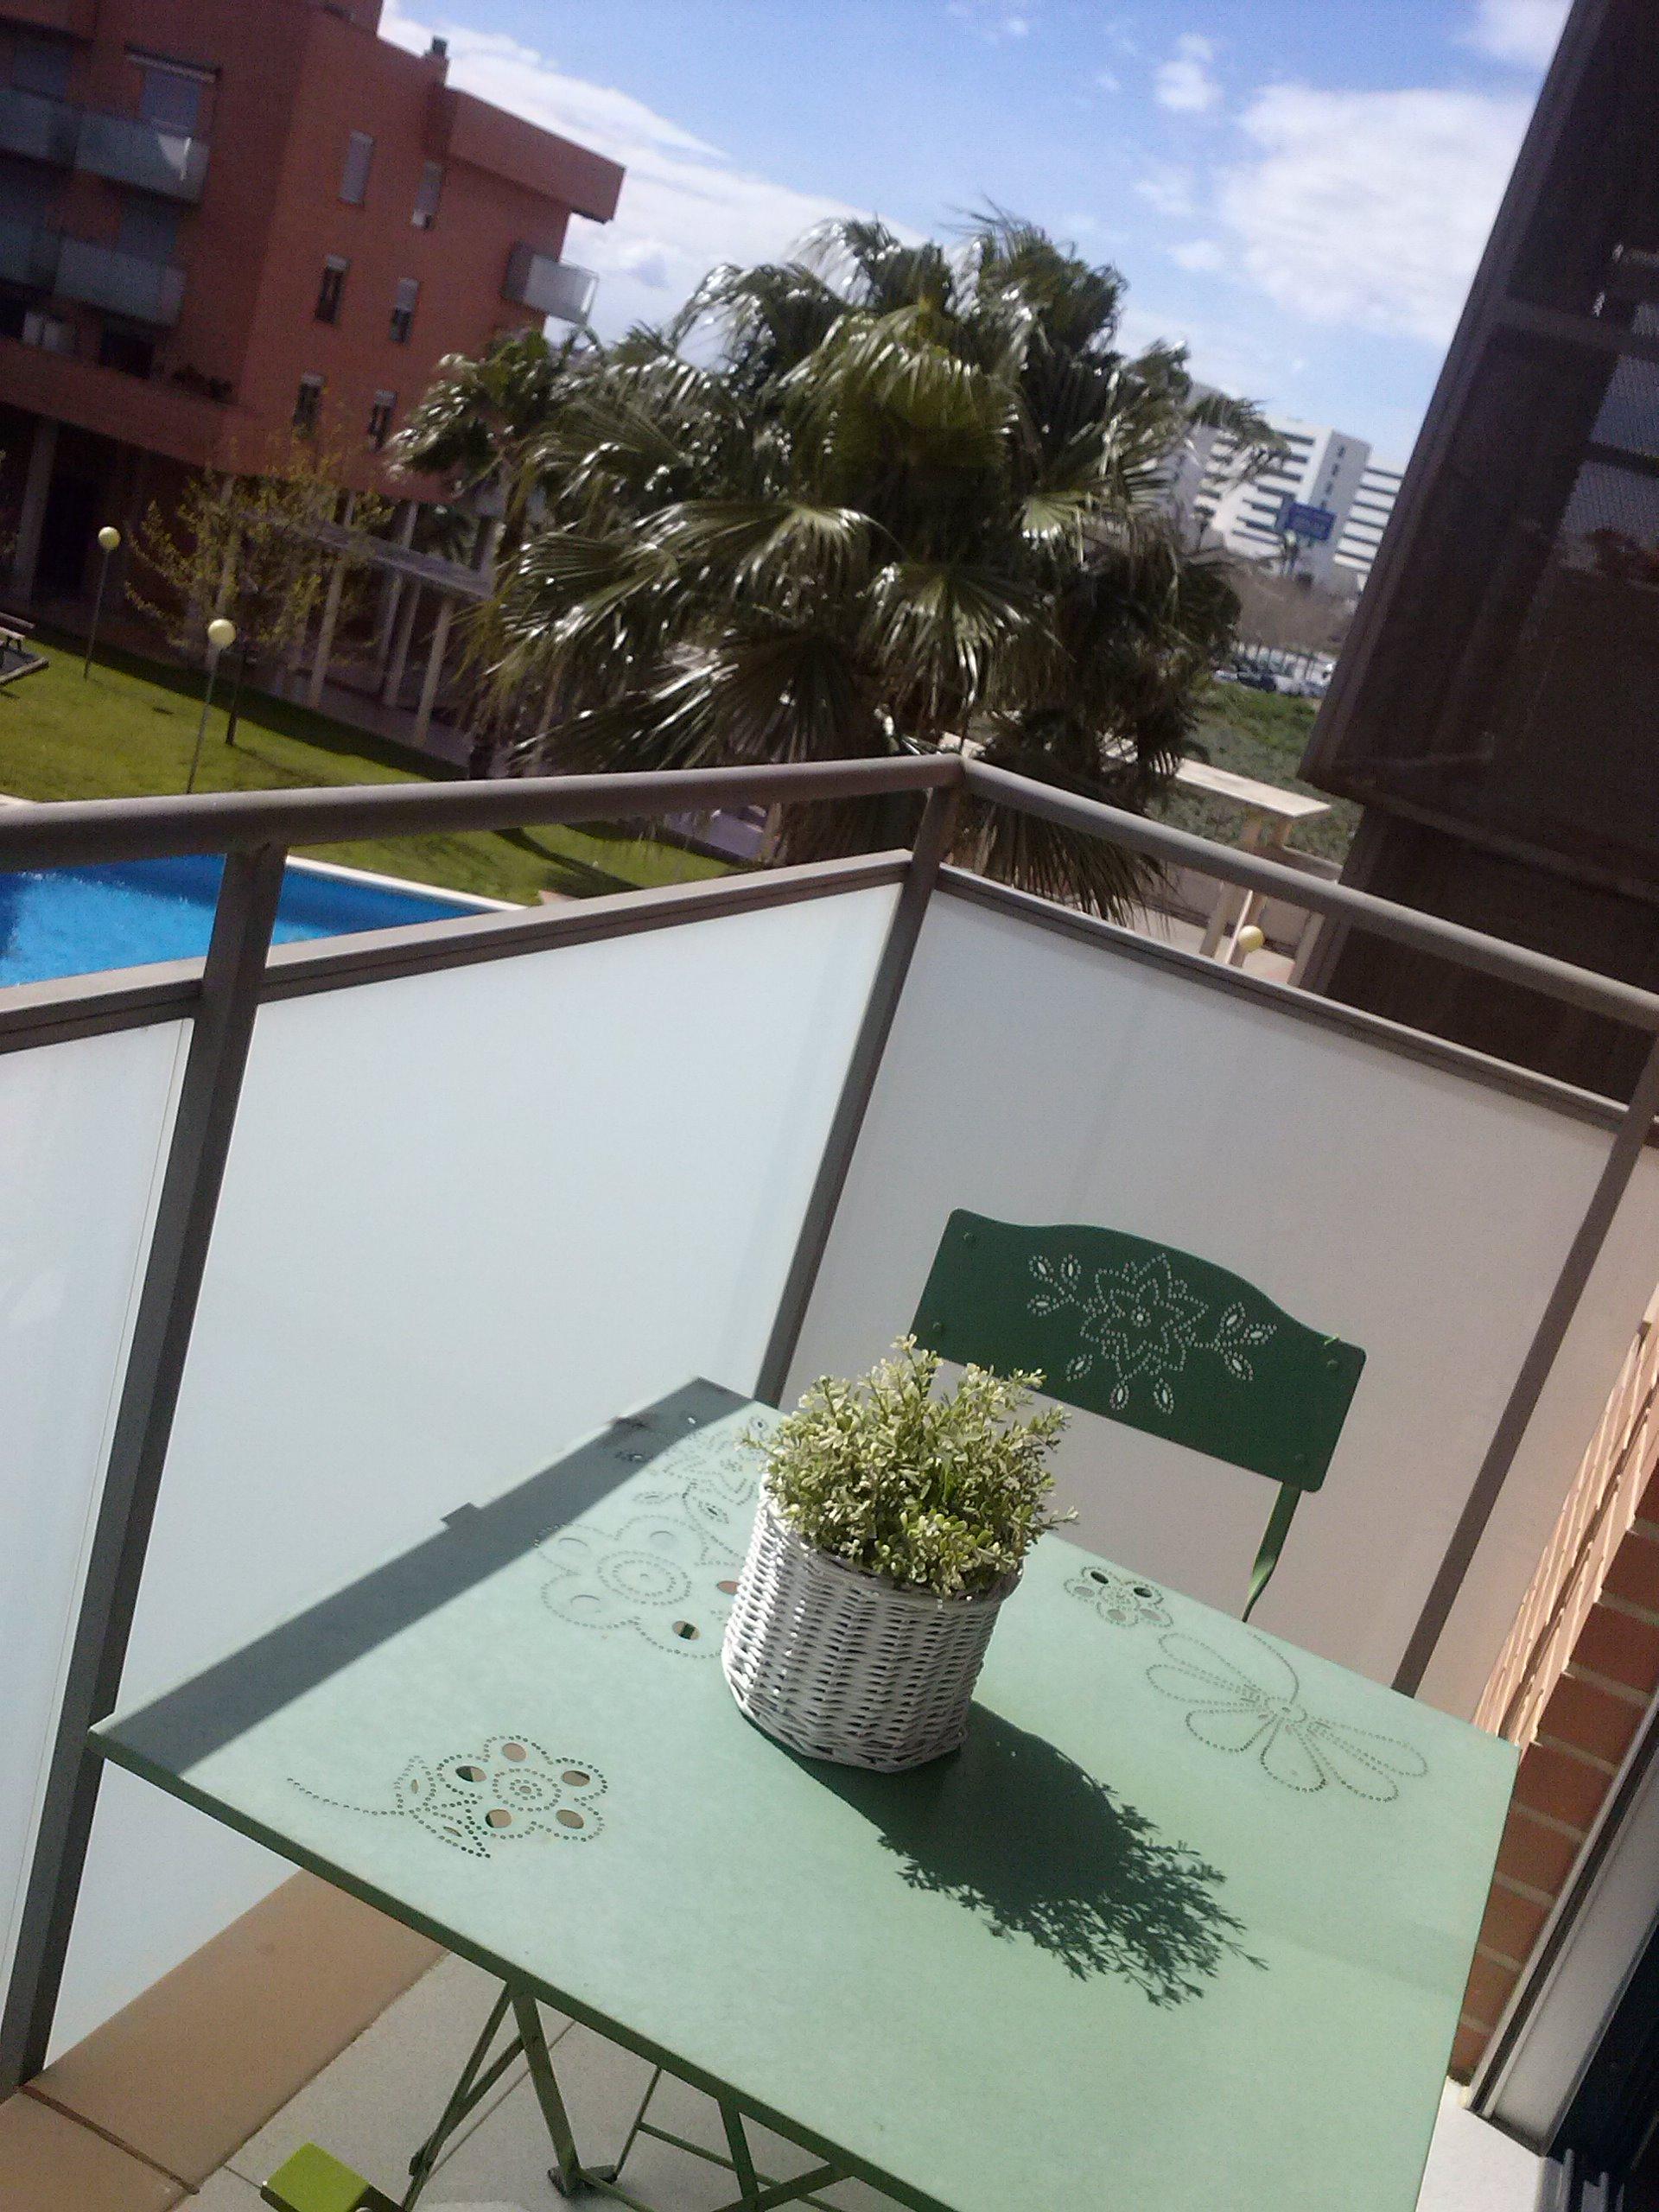 Pisos en valencia piso centrico en valencia en la rotonda de los anzuelos - Pisos nuevos en valencia ...